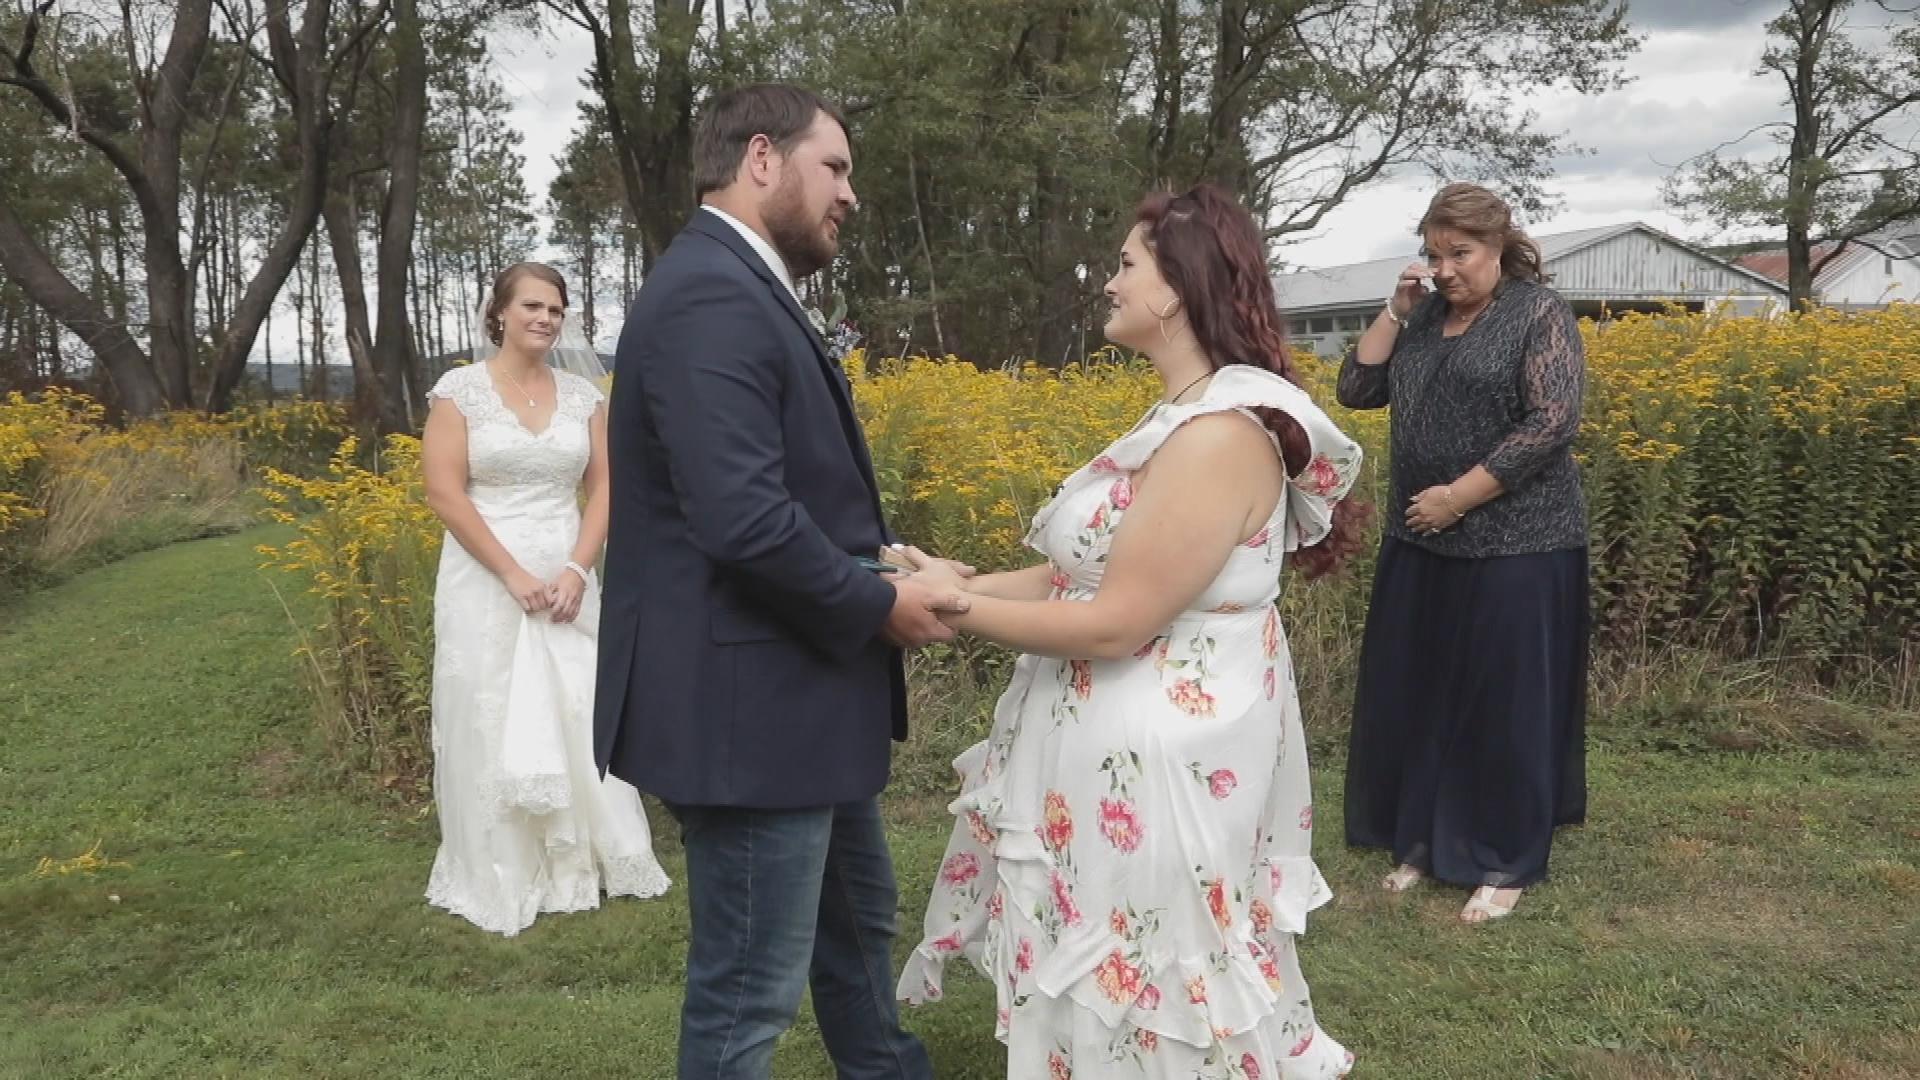 Vídeo: Un invitado sorpresa hace que el novio se rompa en llanto frente del altar